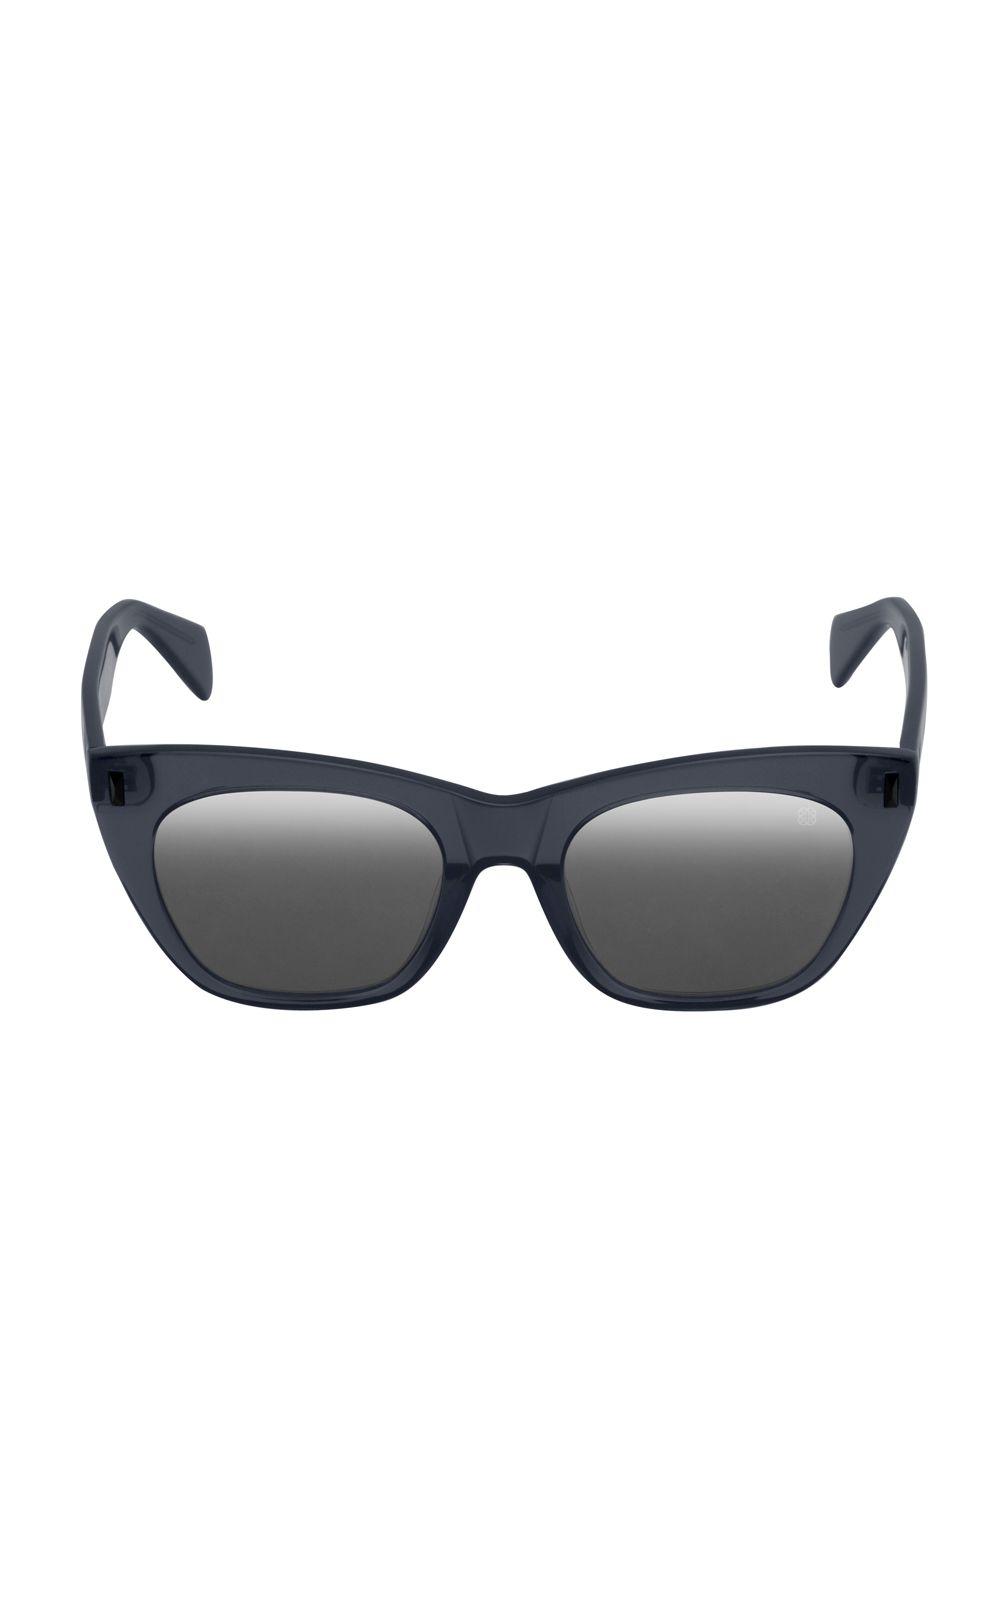 Foto 1 - Óculos Euro Power Shape Feminino Fumê E0036D4909/8C